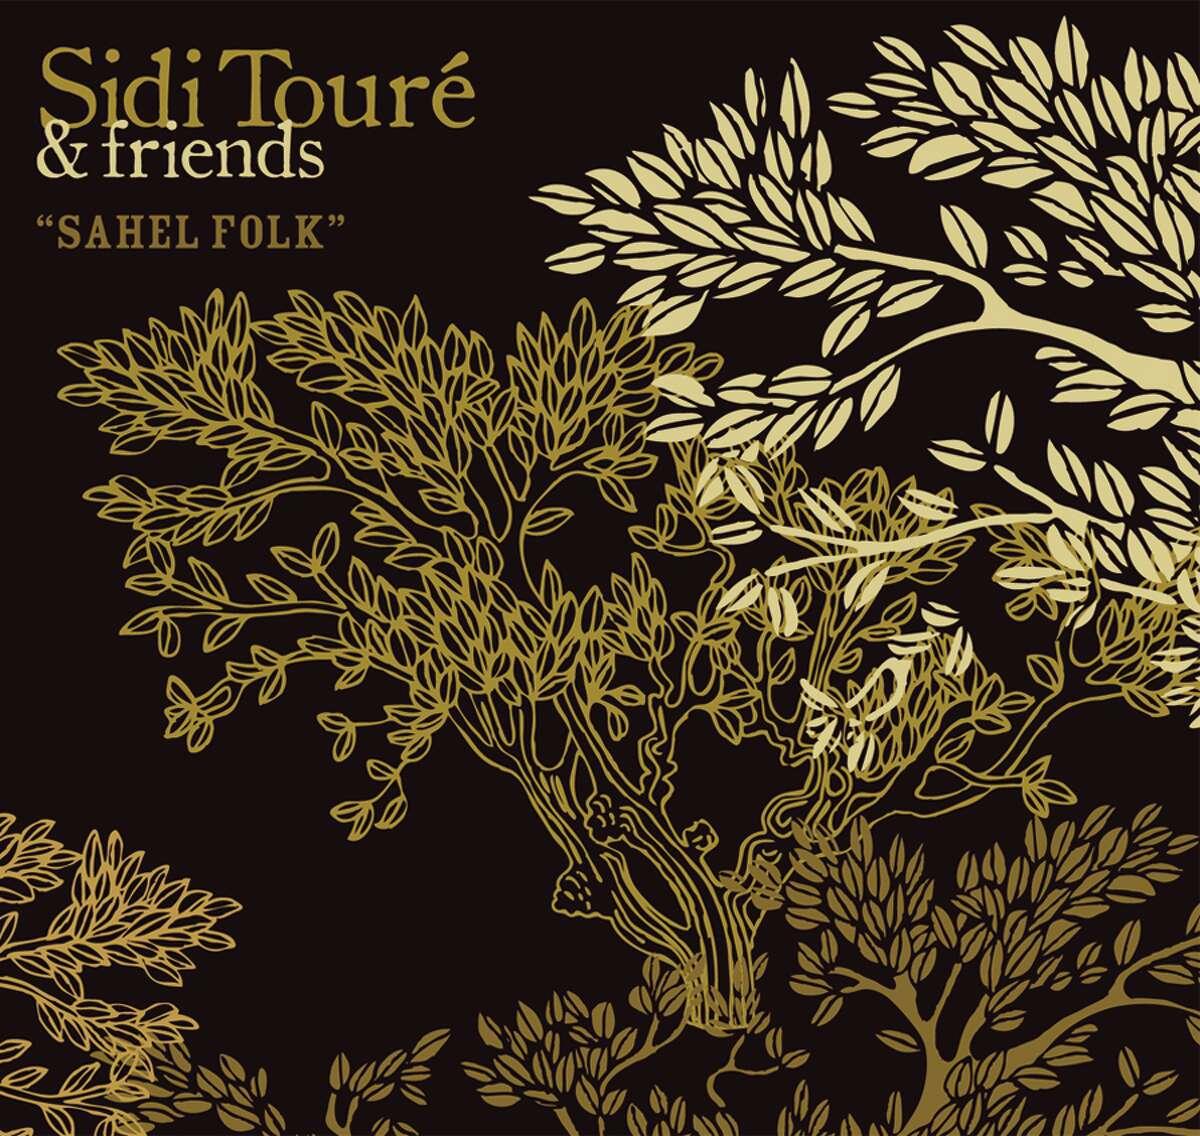 """Sidi Toure's new album is """"Sahel Folk."""" (Photo courtesy of Thrill Jockey Records)"""